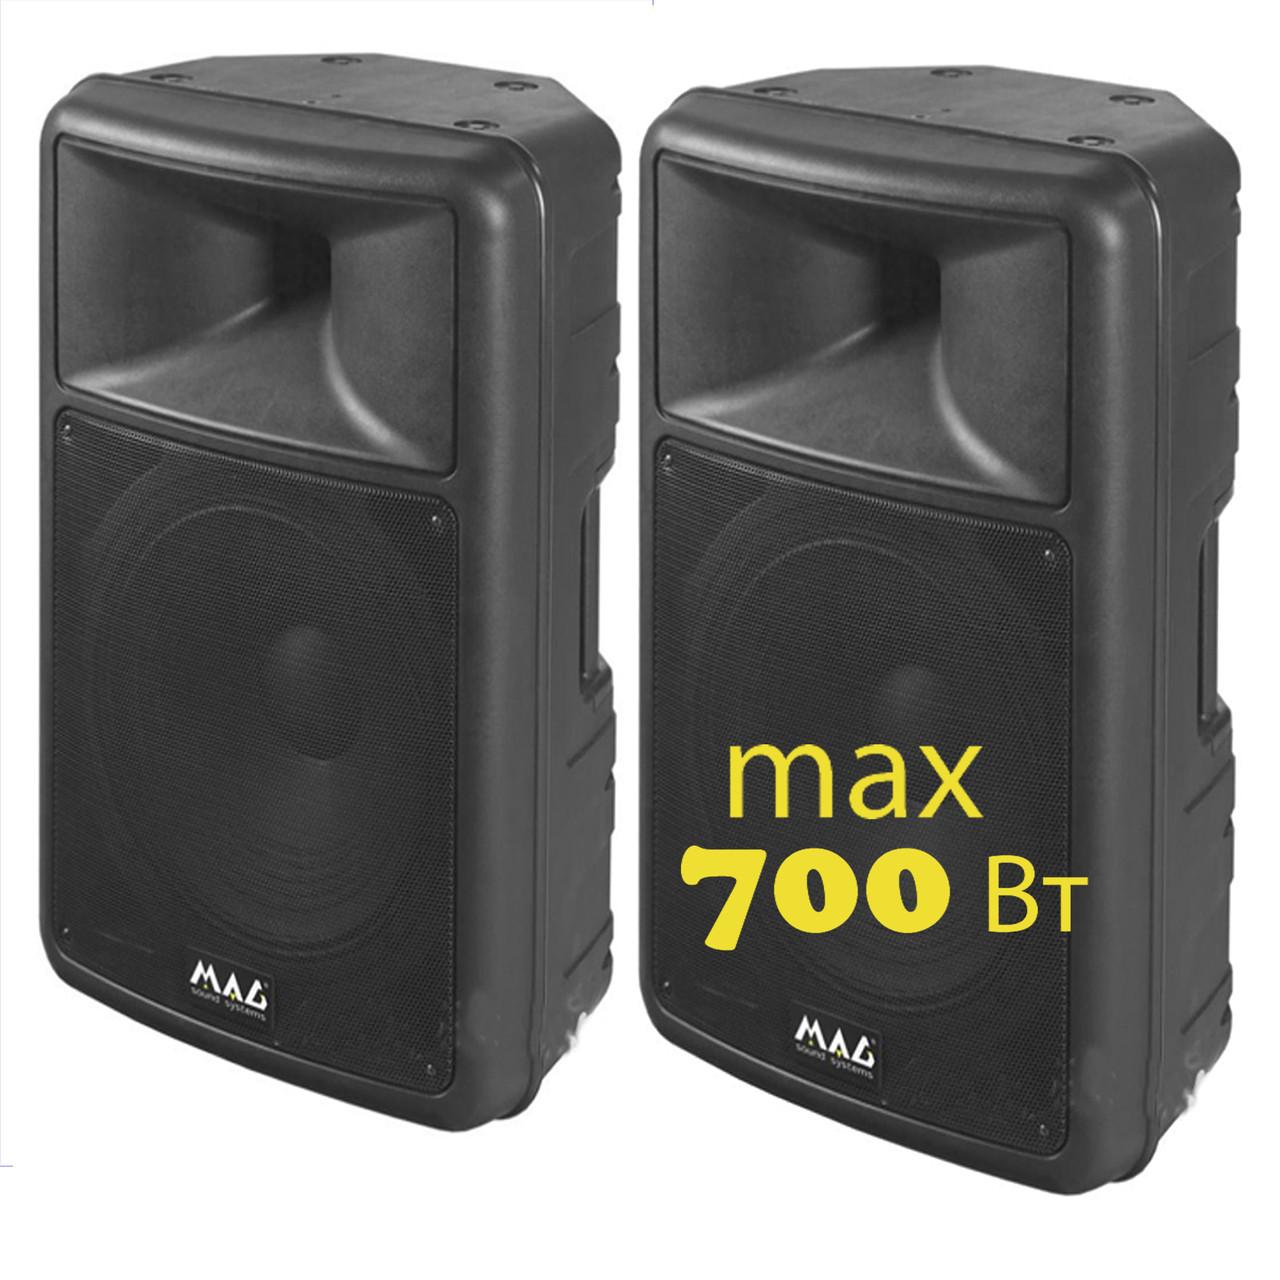 Комплект MAG PS15 пассивная двухполосная акустическая система + Подарок усилитель BBK 110 Вт